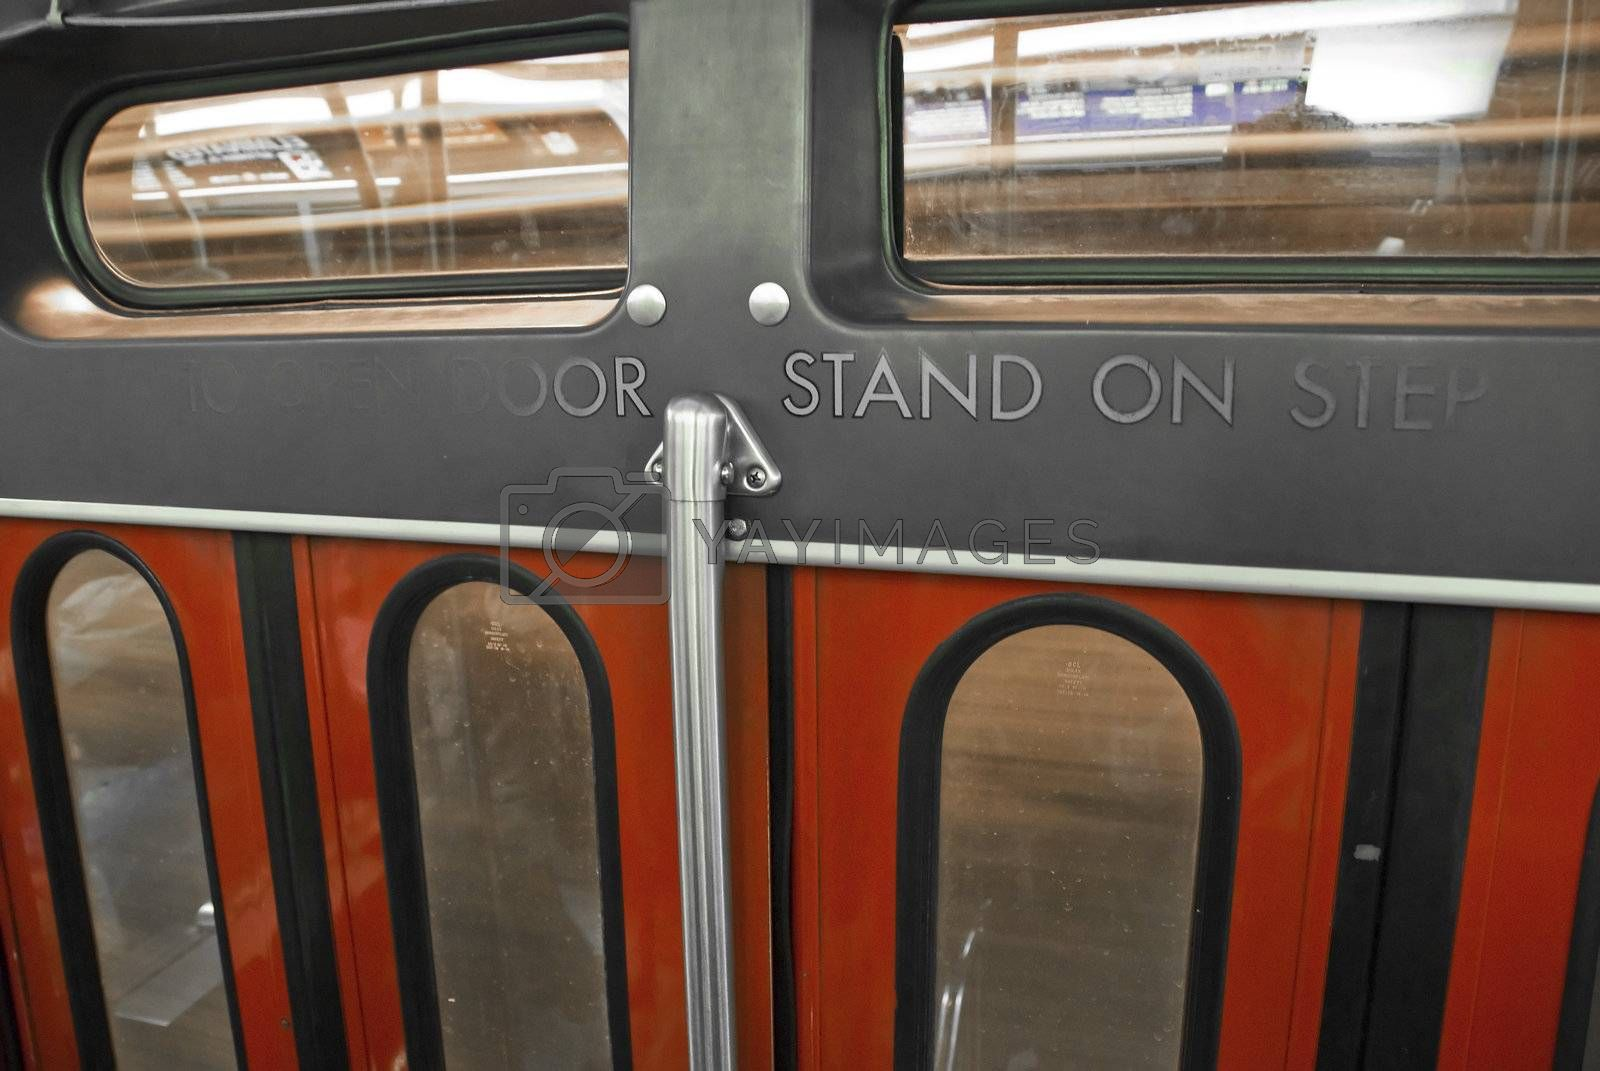 Doors closing on a Toronto Subway Train, Ontario, Canada by jovannig